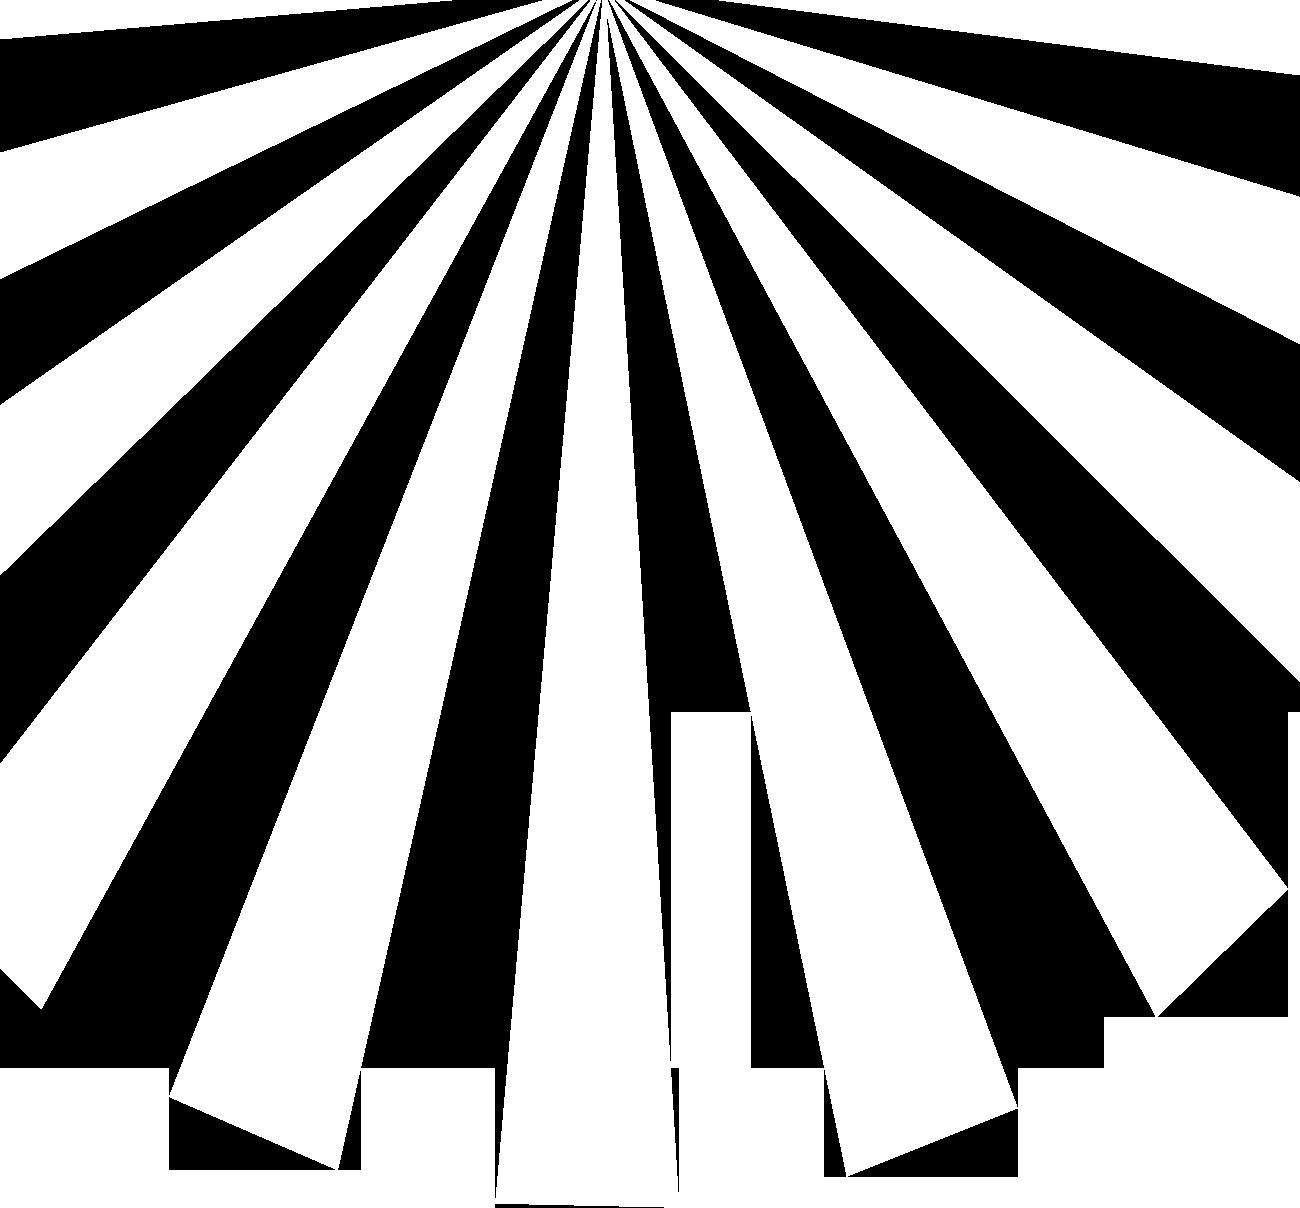 Verschieben von Div innerhalb einer Tabelle